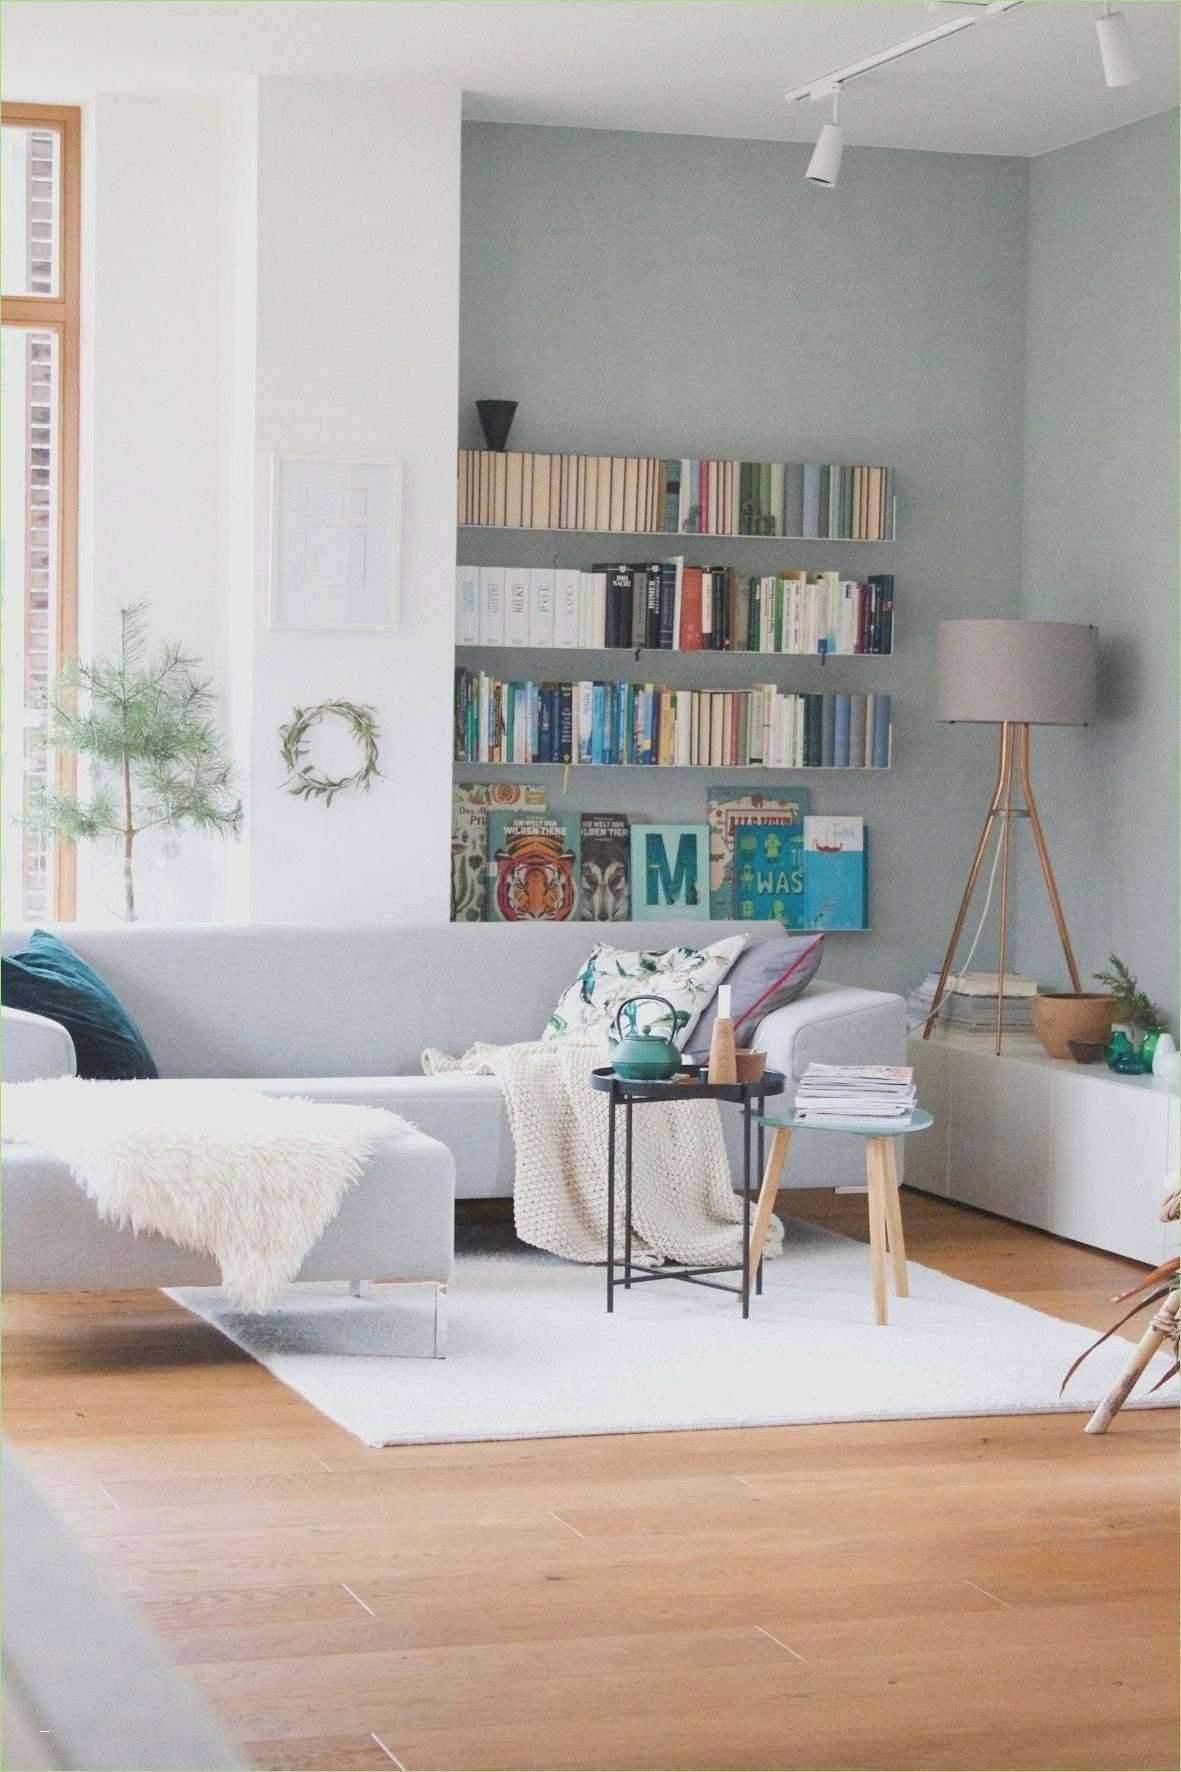 bilder wohnzimmer genial decken dekoration wohnzimmer frisch couch decke 0d archives of bilder wohnzimmer